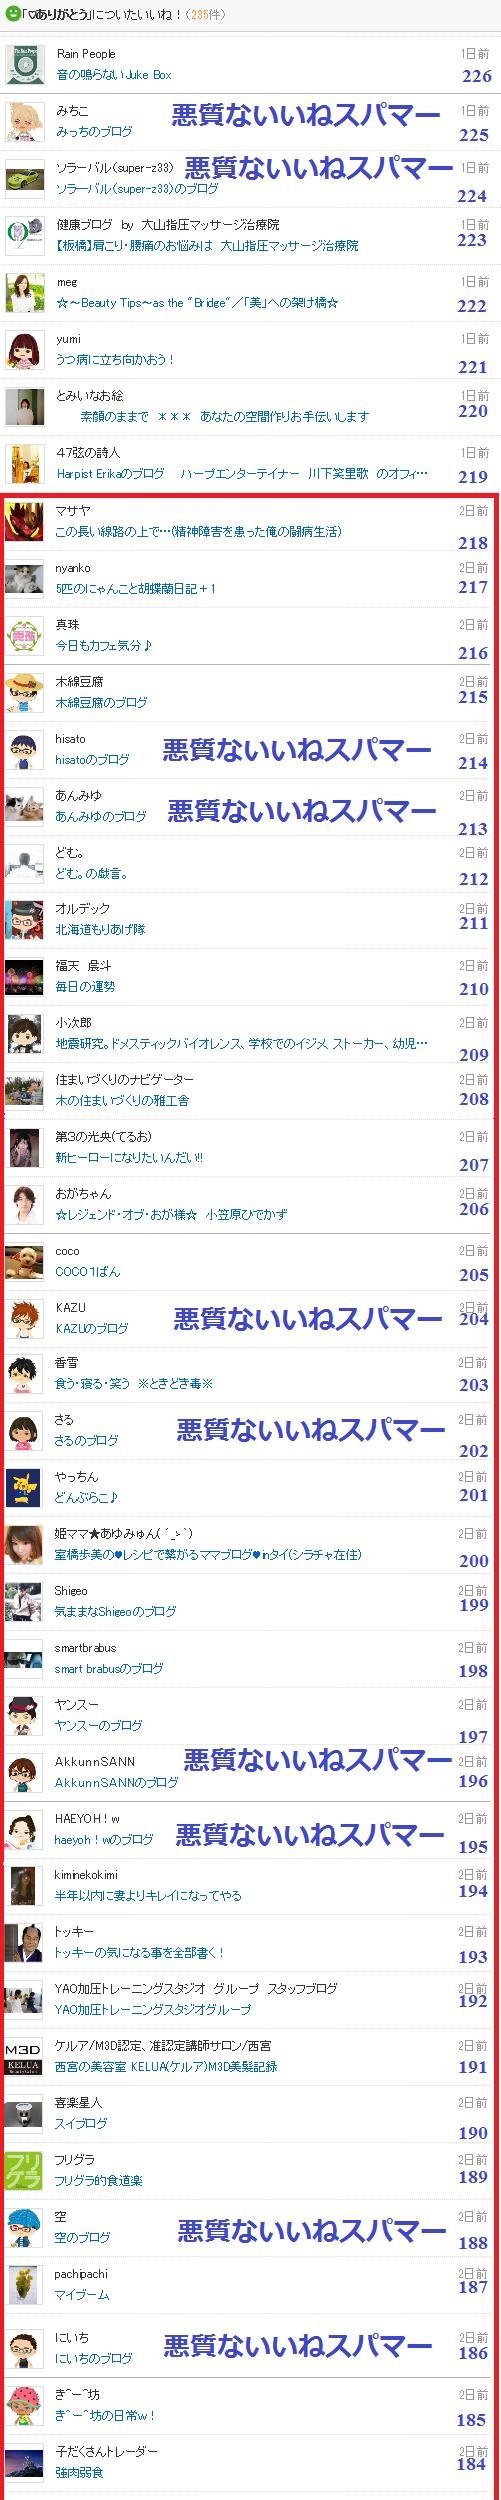 つぶちゃんは悪質スパマーのブログに付いた「いいねリスト2」